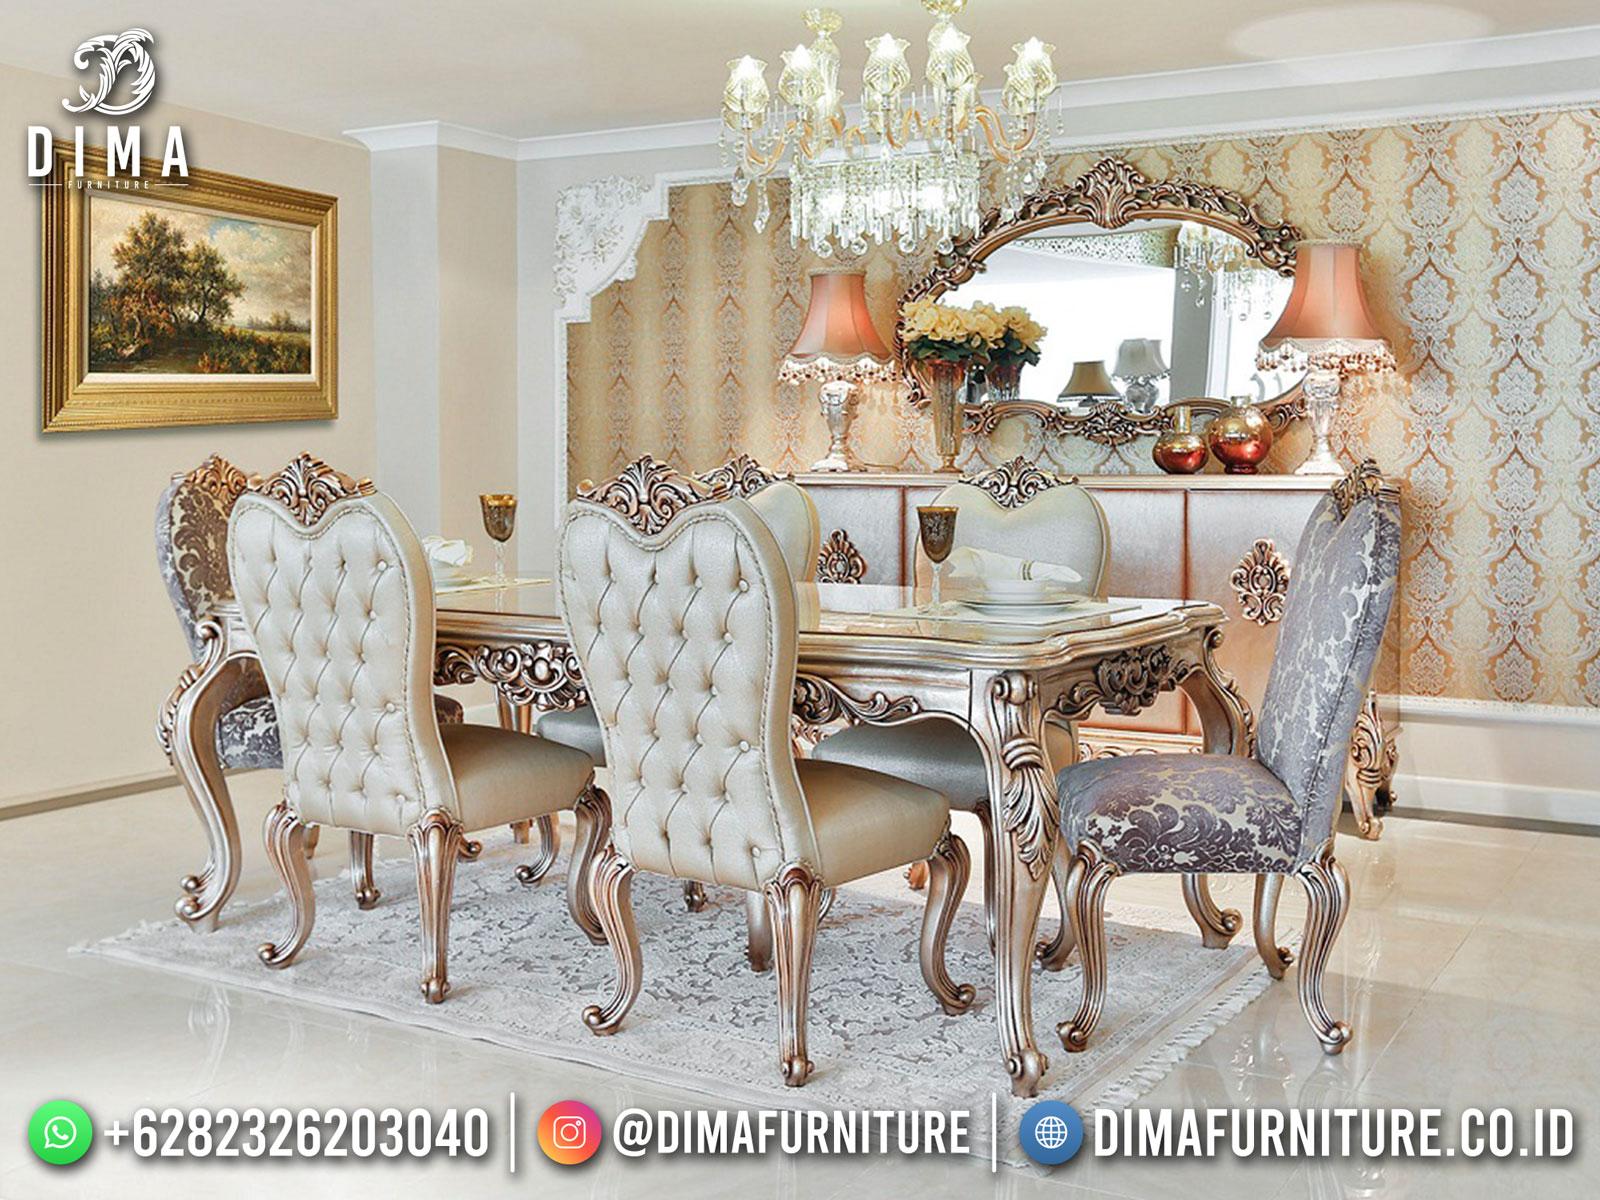 Dining Room Set Meja Makan Mewah Jepara Exclusive Luxury BT-1197